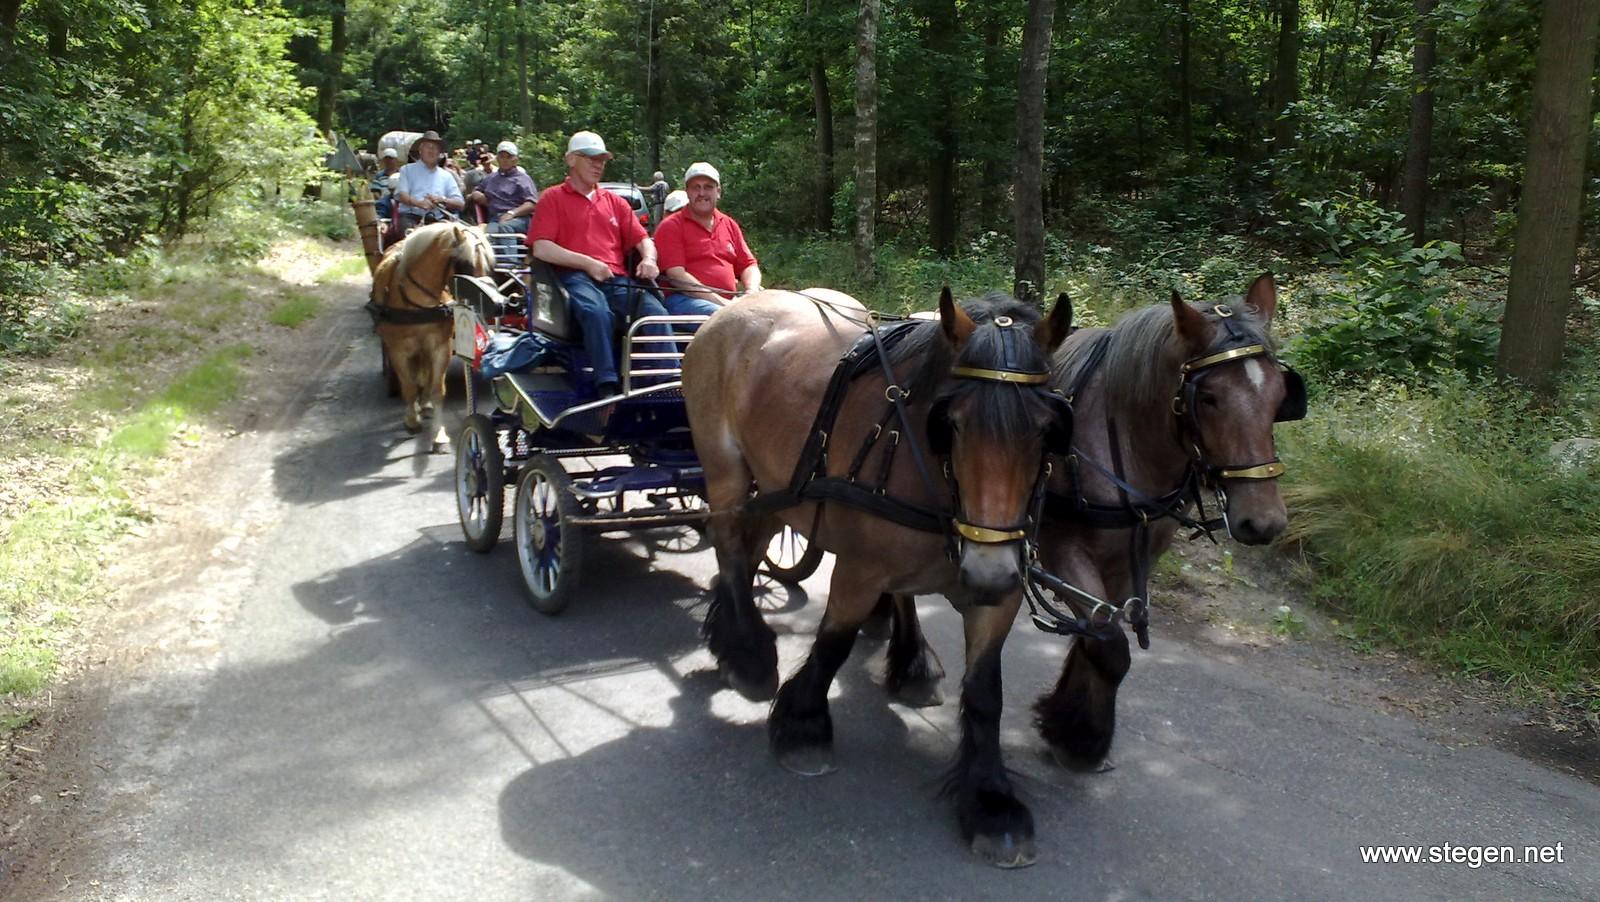 Paardentoerisme Drenthe zet in op meer groei